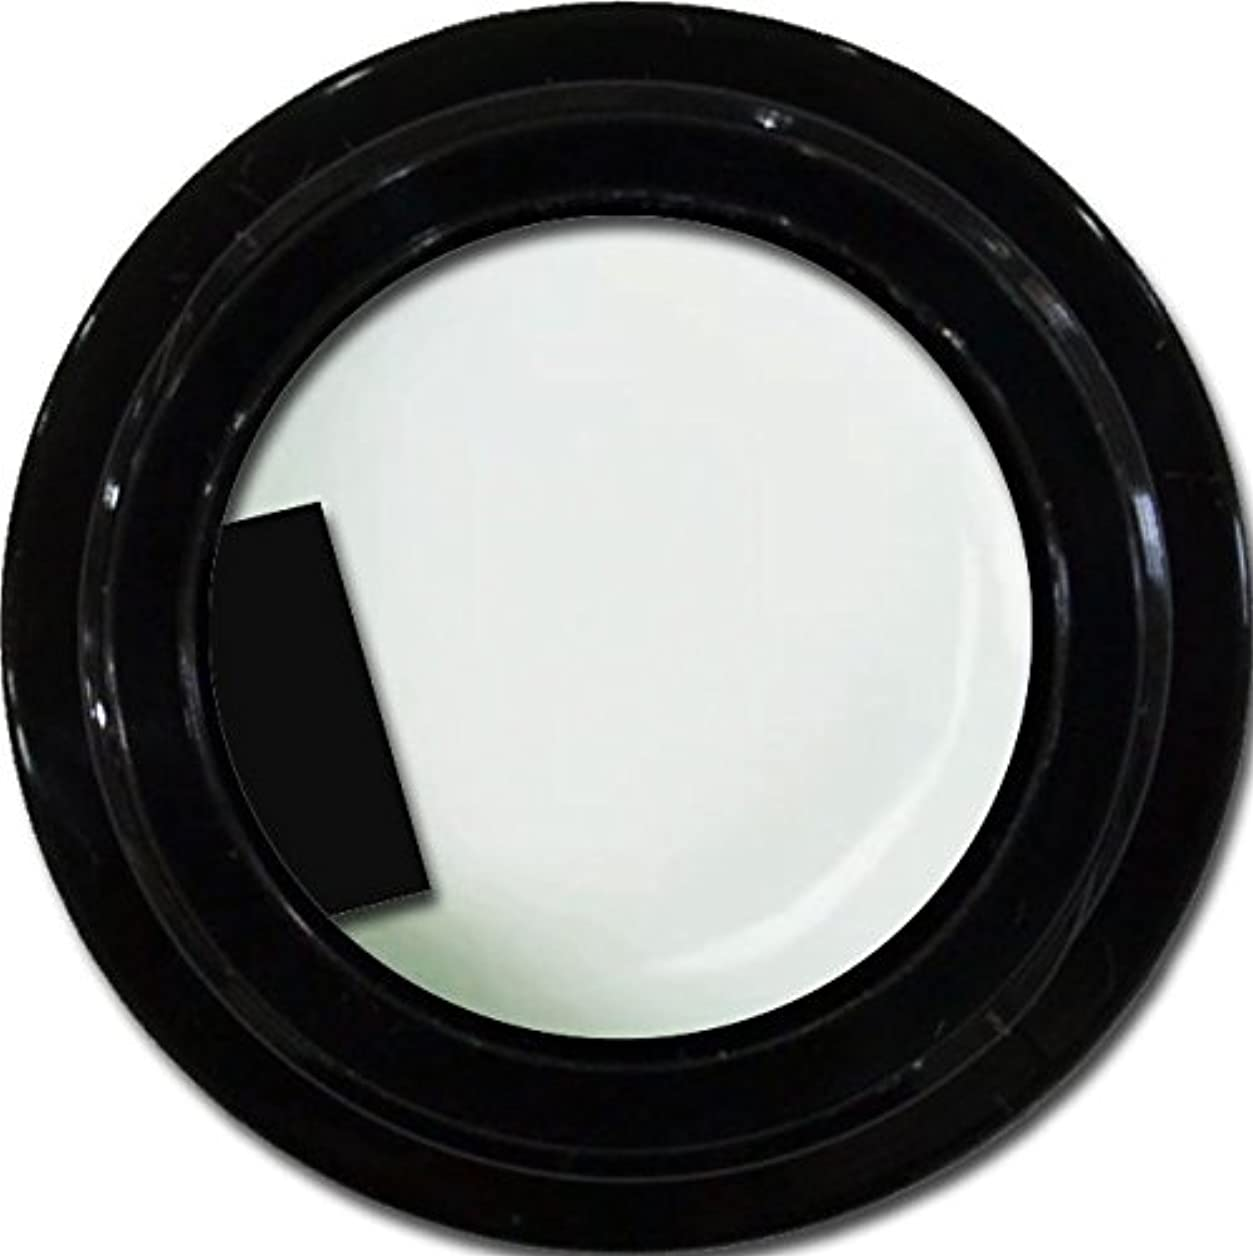 適応わかりやすいカラージェル enchant gel color gel S001 sheer White 3g/ エンチャントジェル カラージェル S001シアーホワイト 3グラム